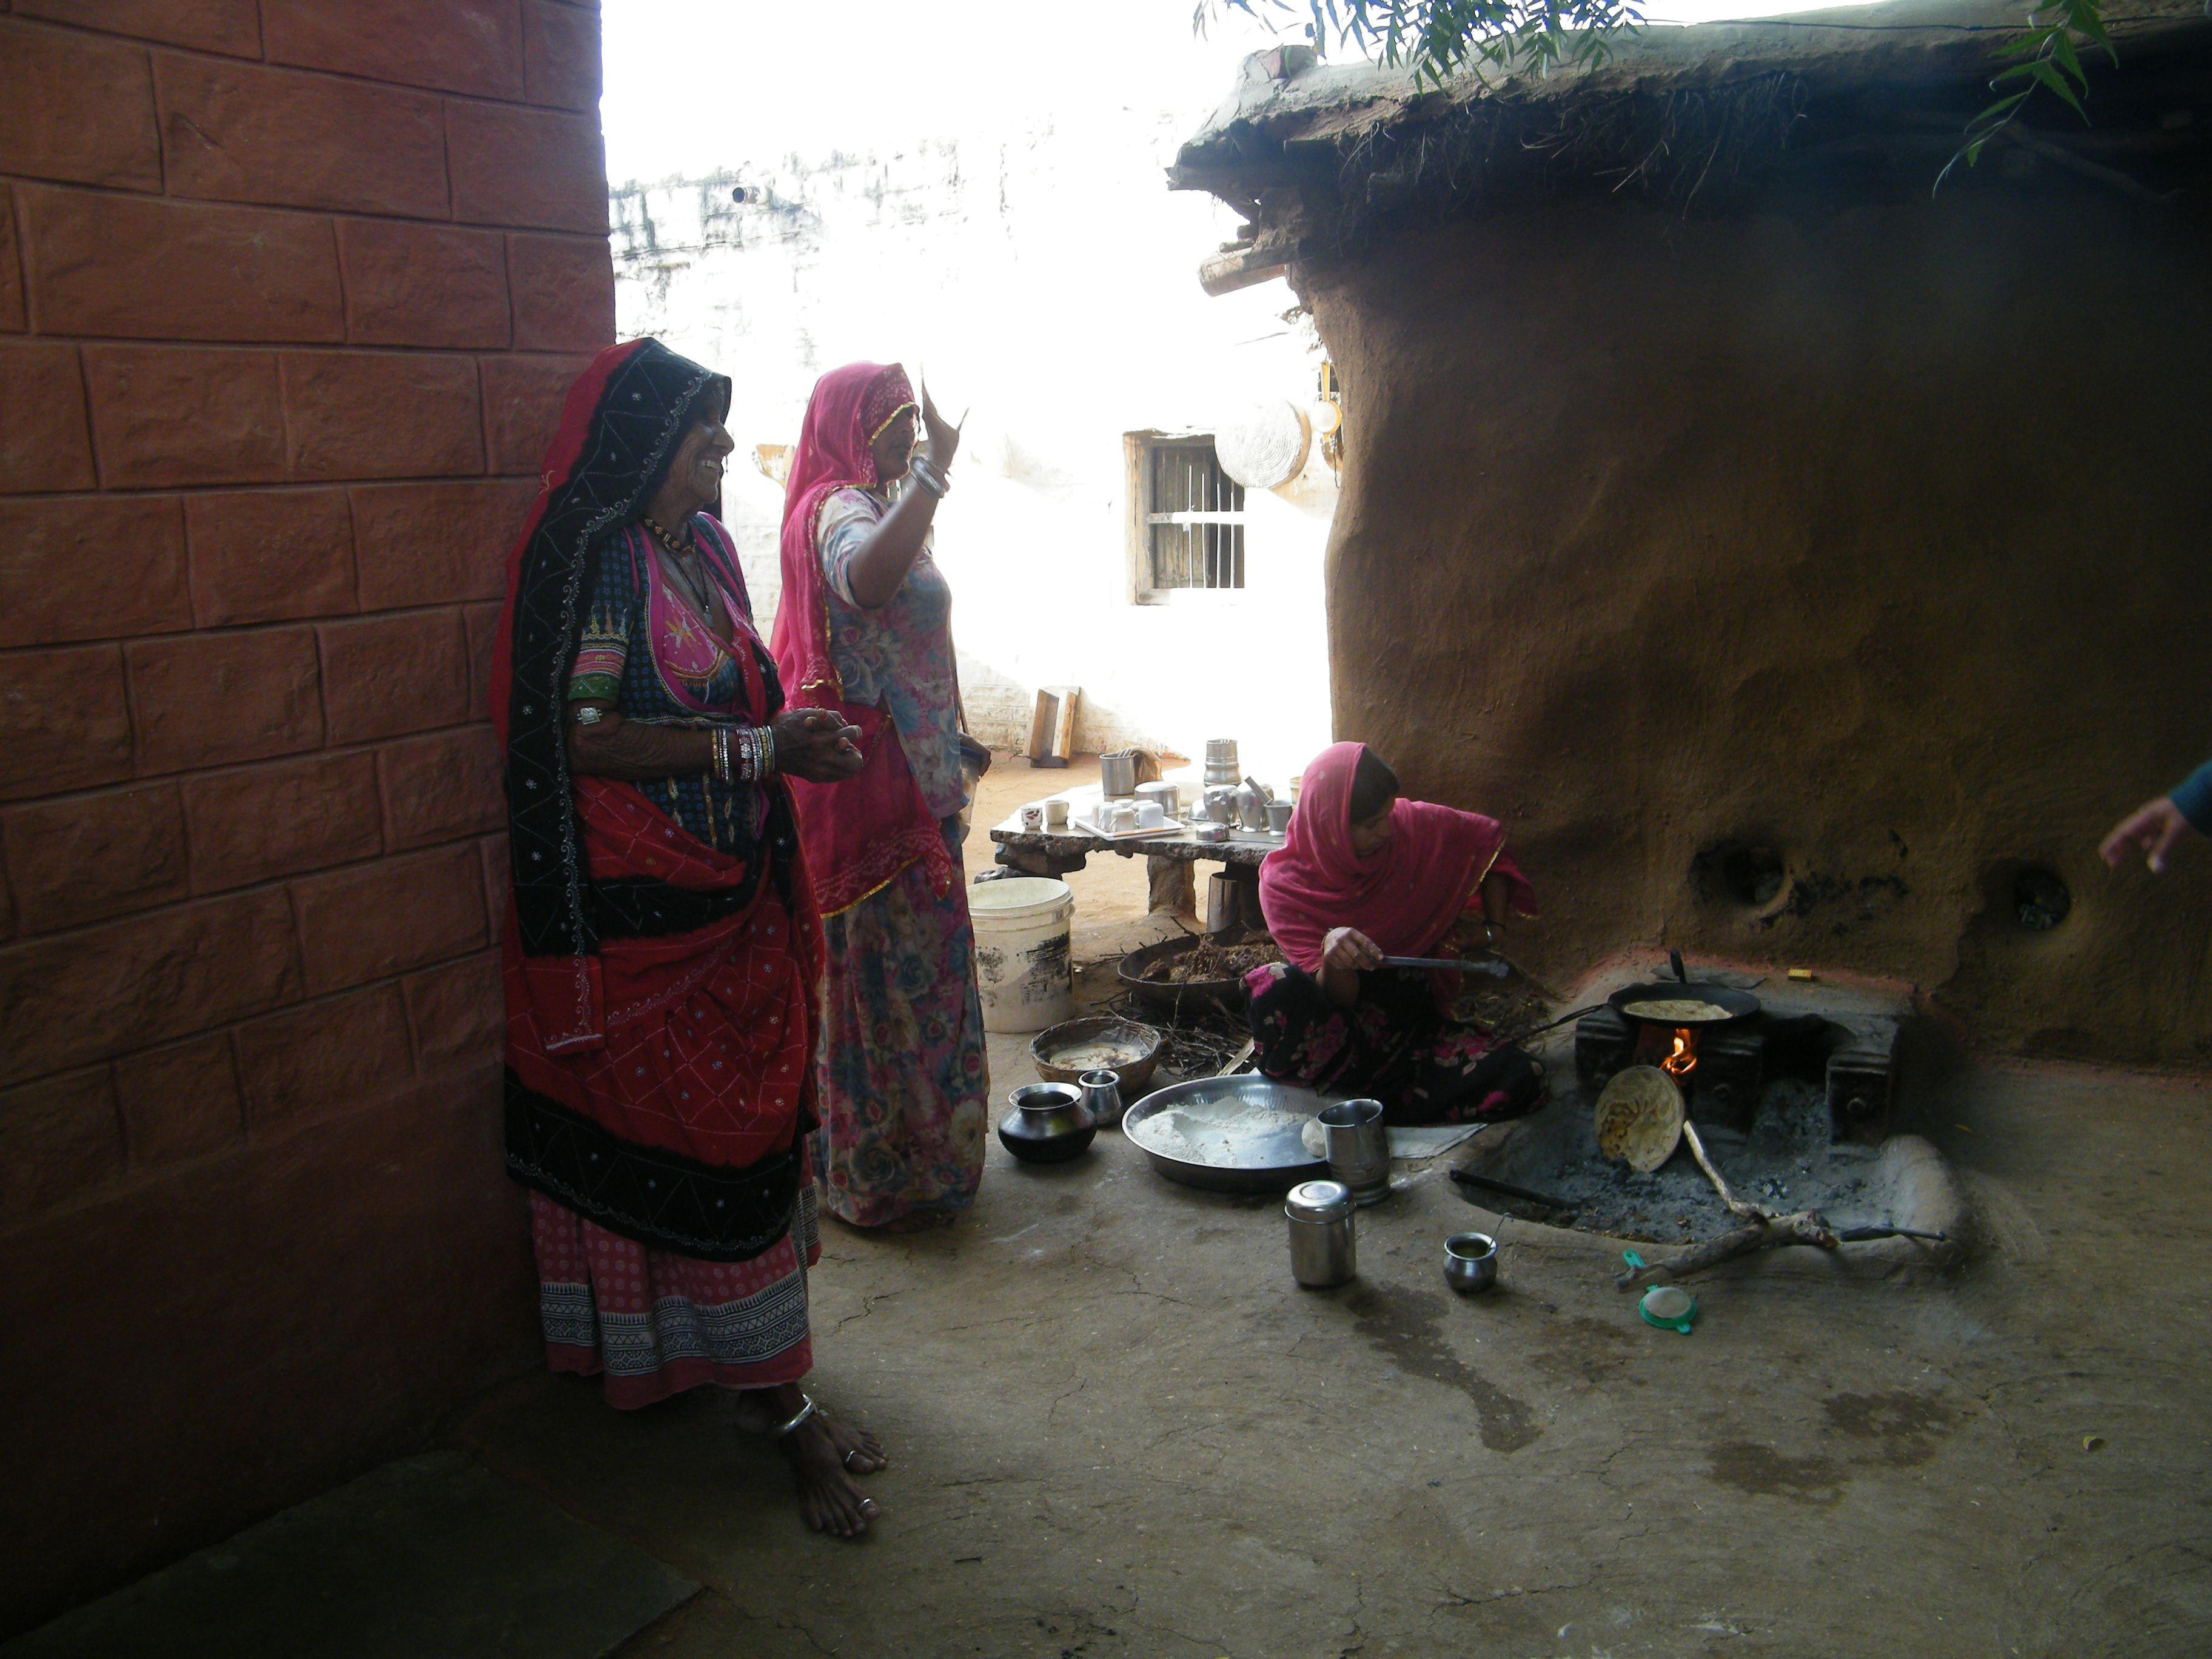 femmes Bishnoî région de Jodhpur photo personnelle